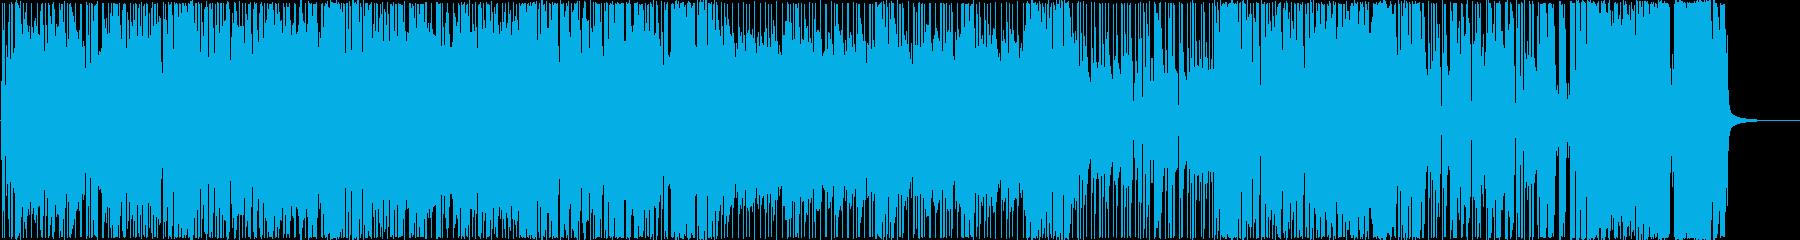 可愛くコミカルな痛快軽快ポップロックの再生済みの波形